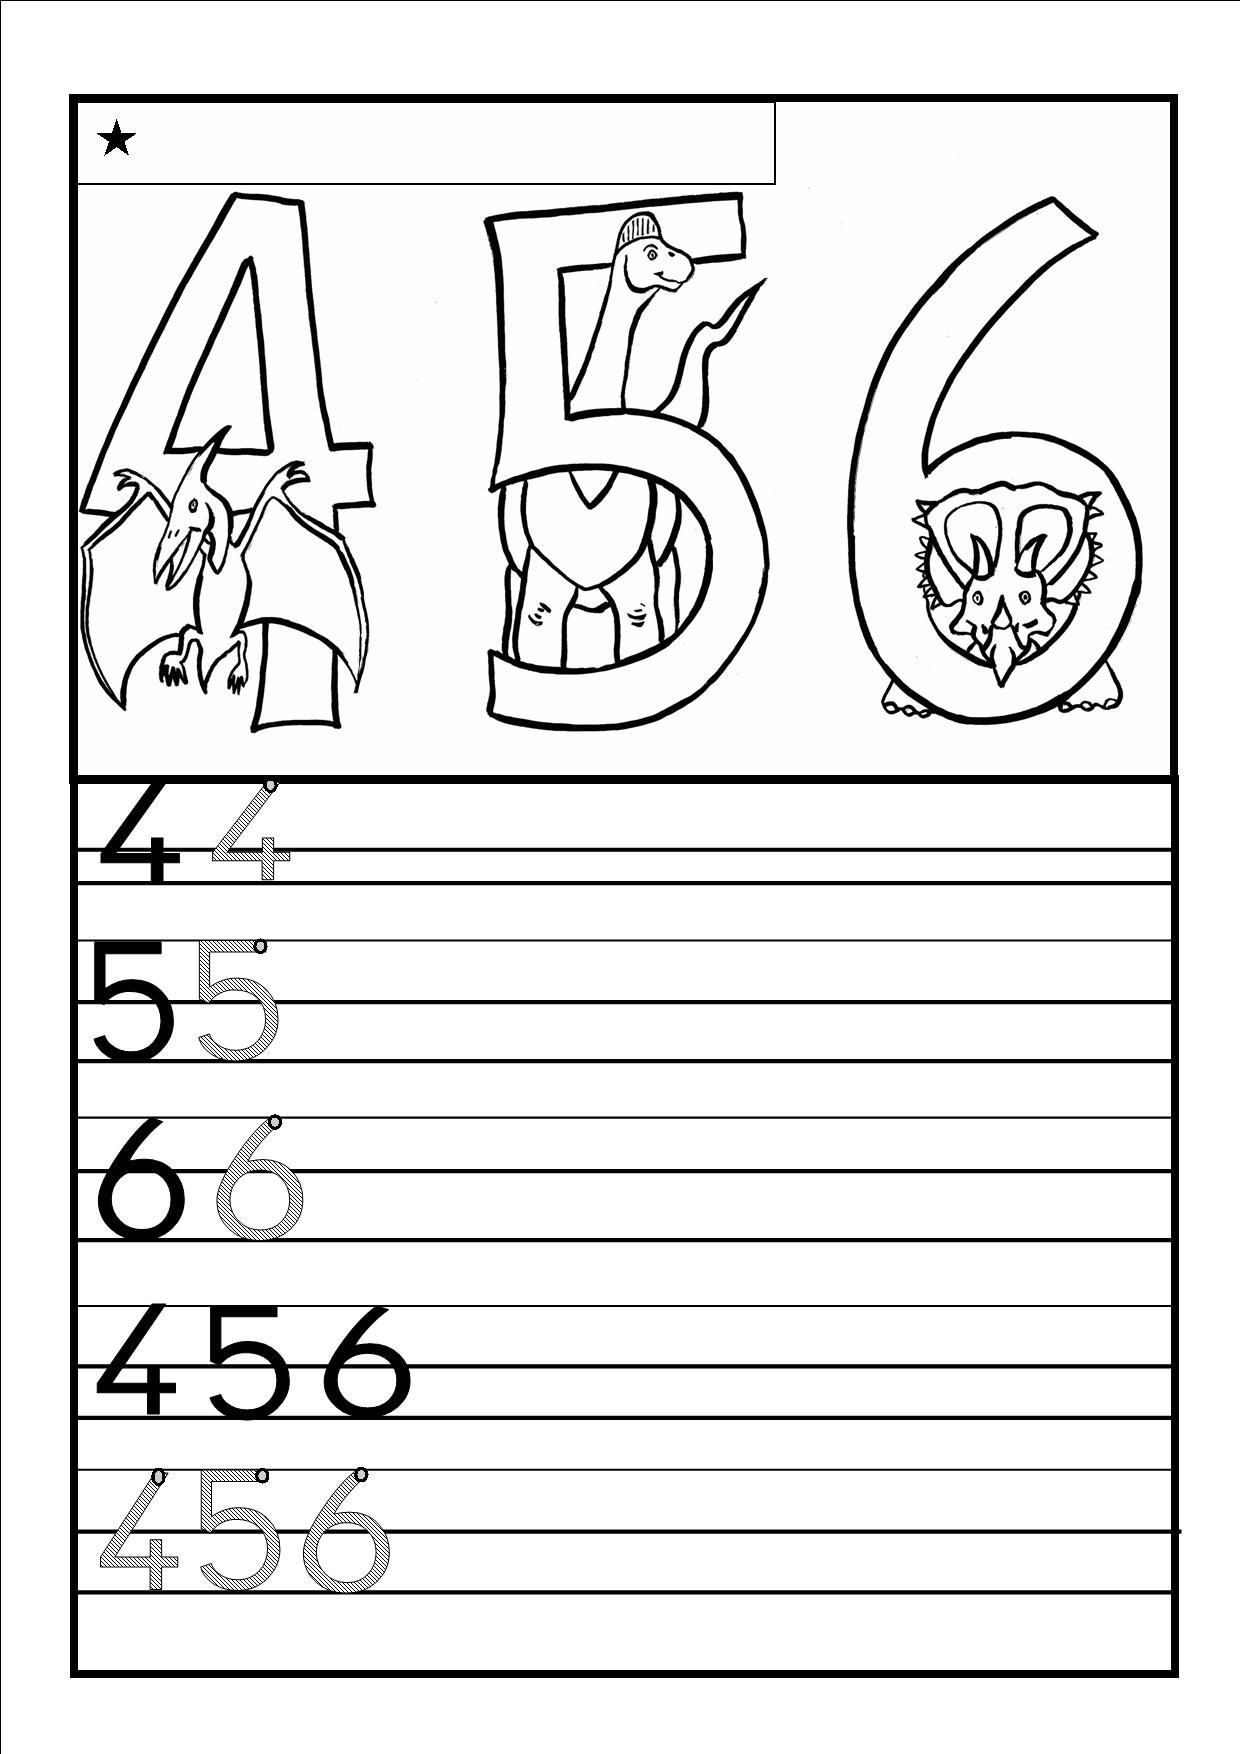 Coloriages à imprimer : Chiffres et formes, numéro : 113271